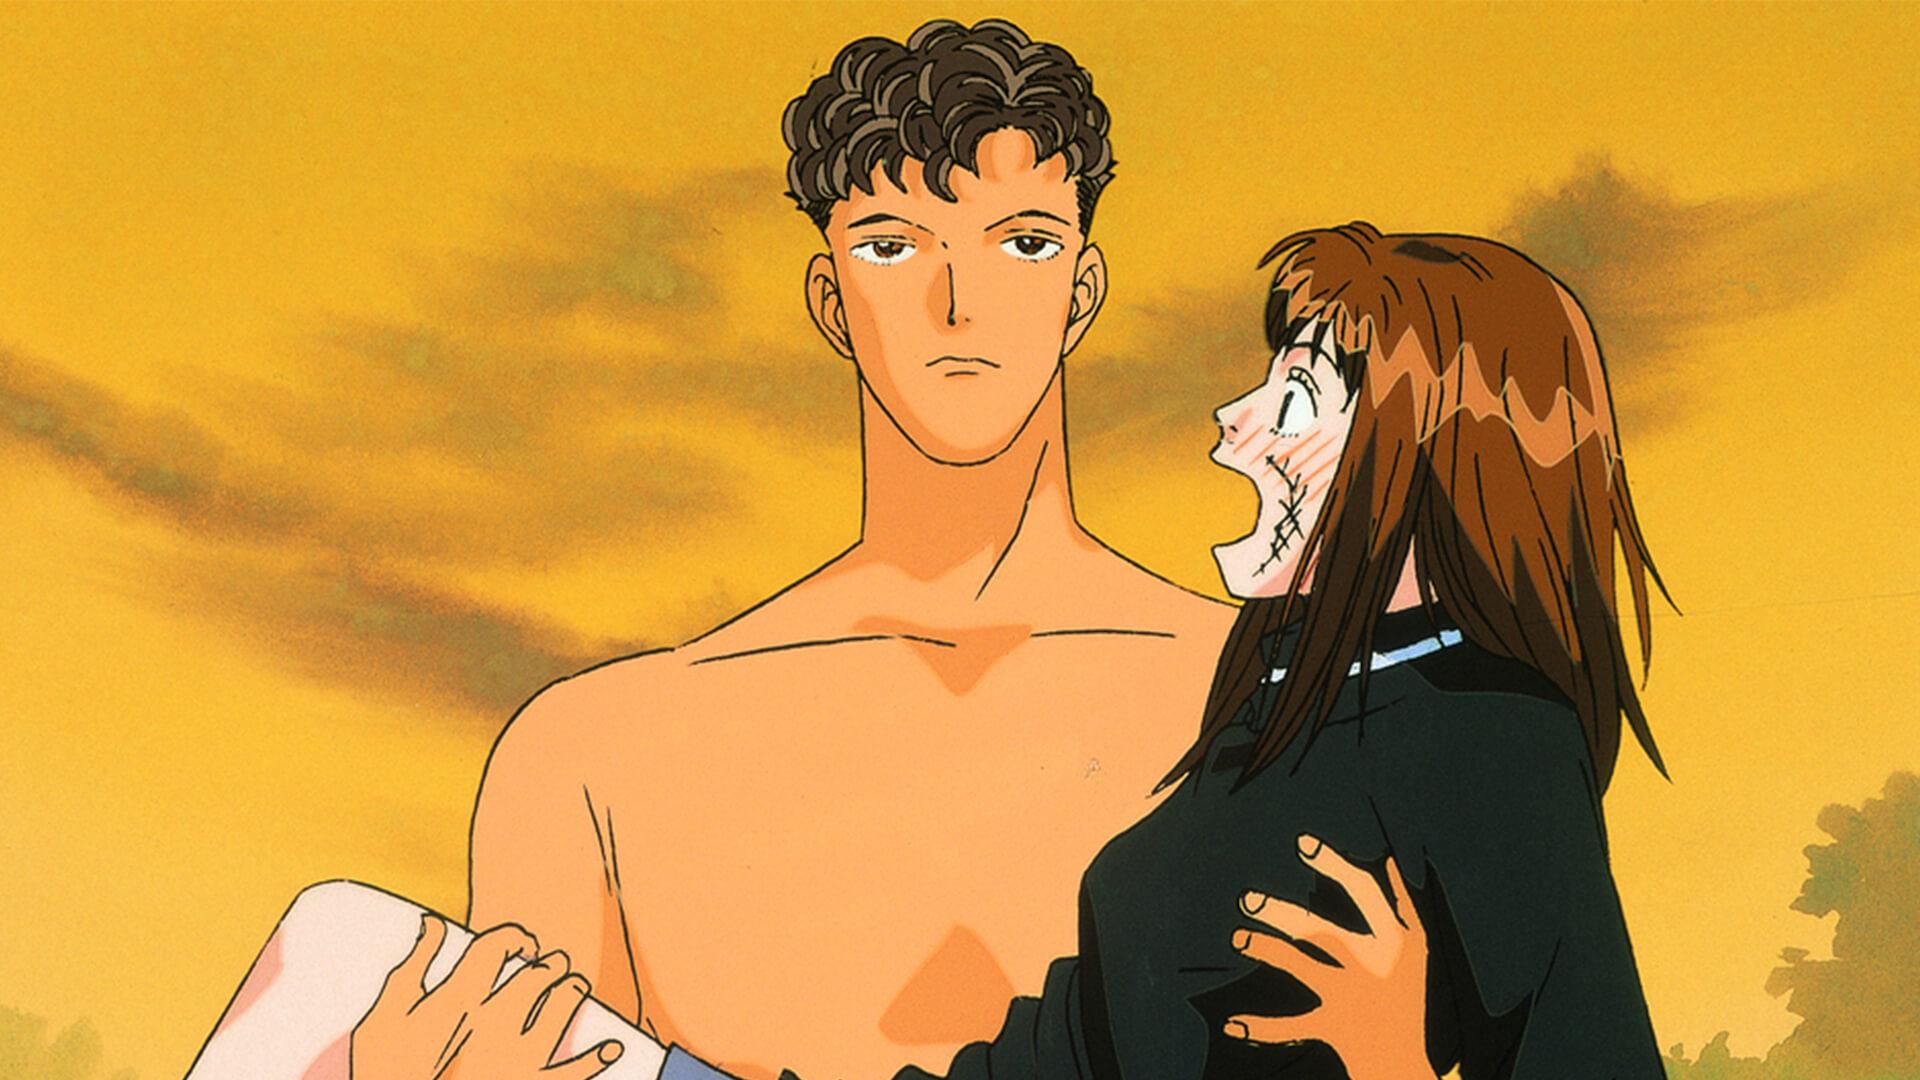 『終末のワルキューレ』『花より男子』『不滅のあなたへ』と話題作続々配信!6月のNetflixアニメラインナップが解禁 art210521_netflix_anime_1